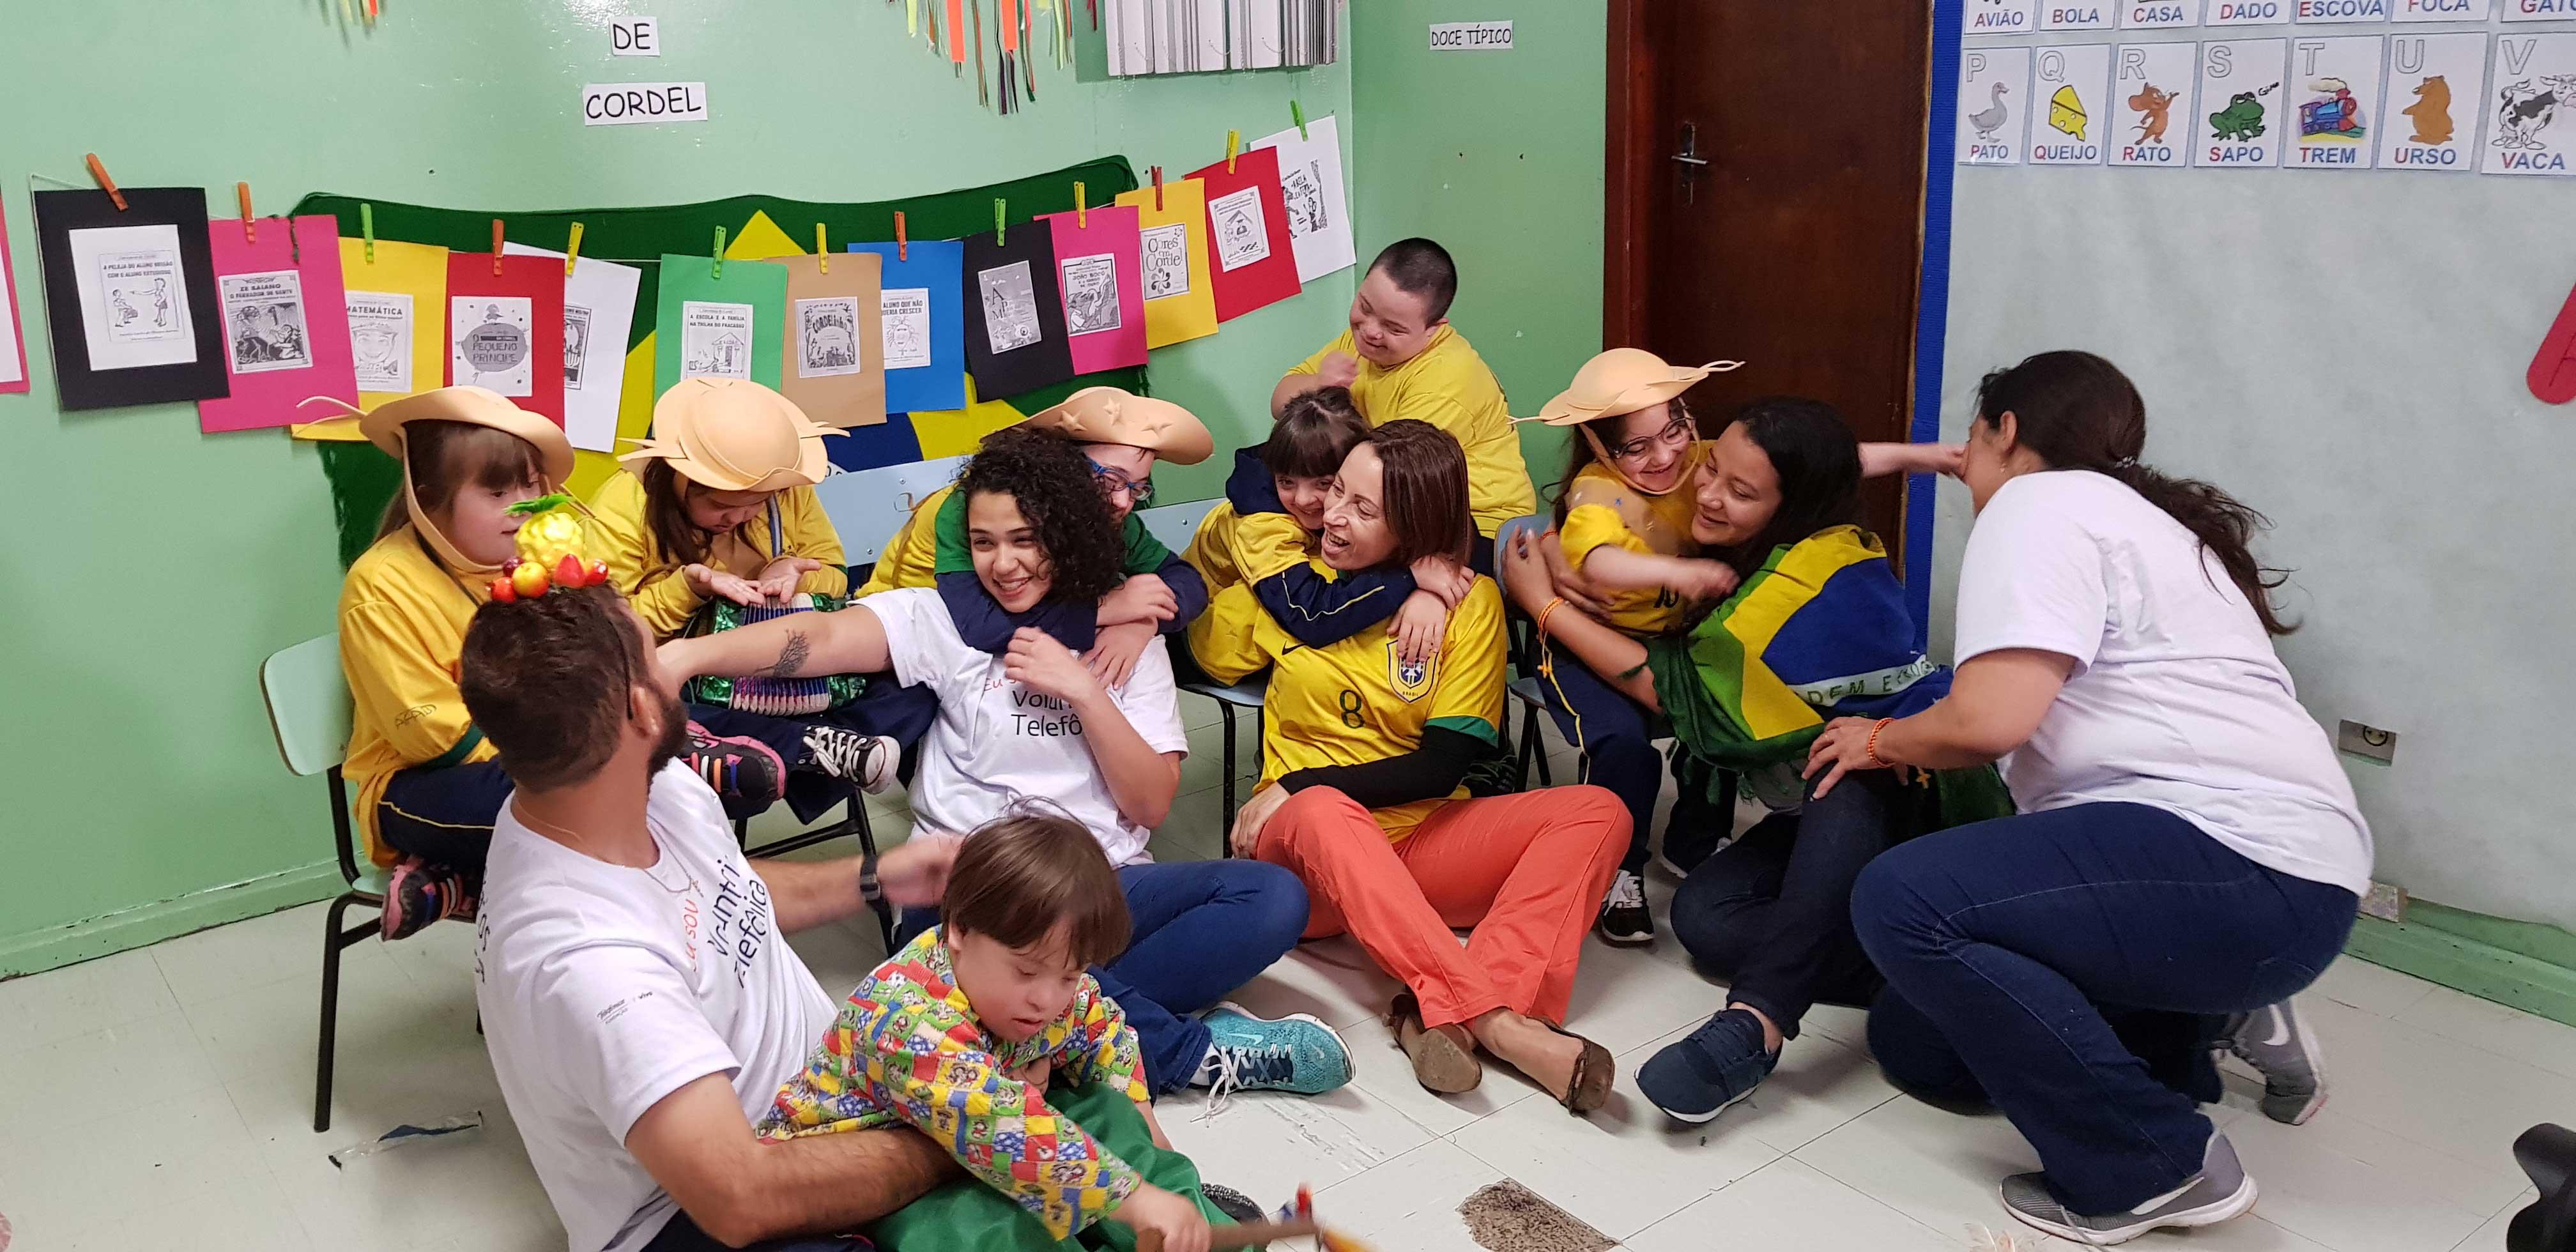 Sentados no chão de uma sala de aula, quatro voluntários estão cercados por crianças sorridentes e abraçados por elas.